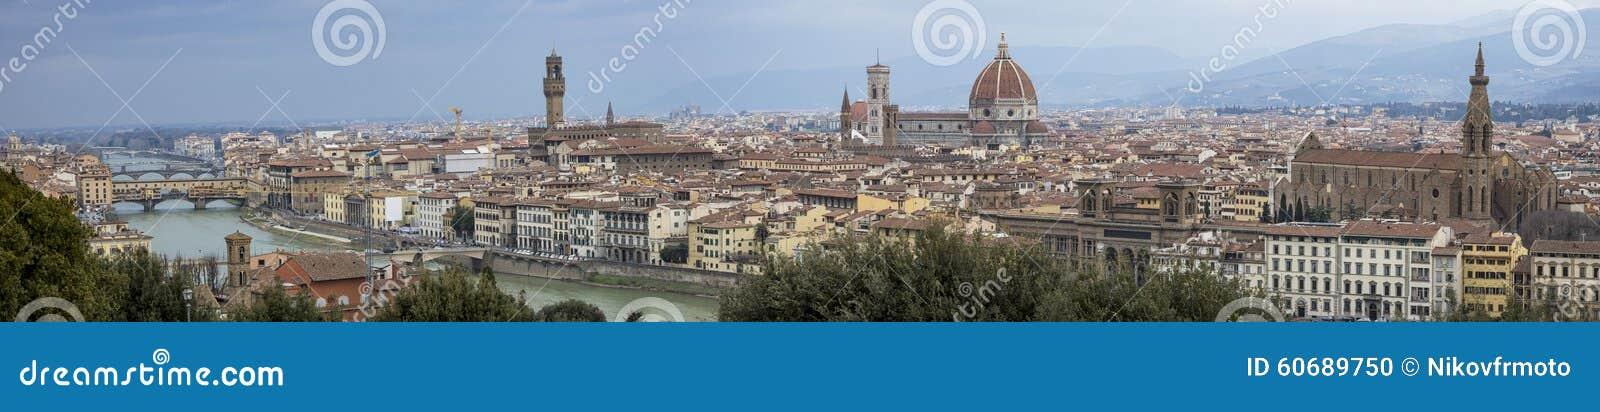 Panorama de Florencia